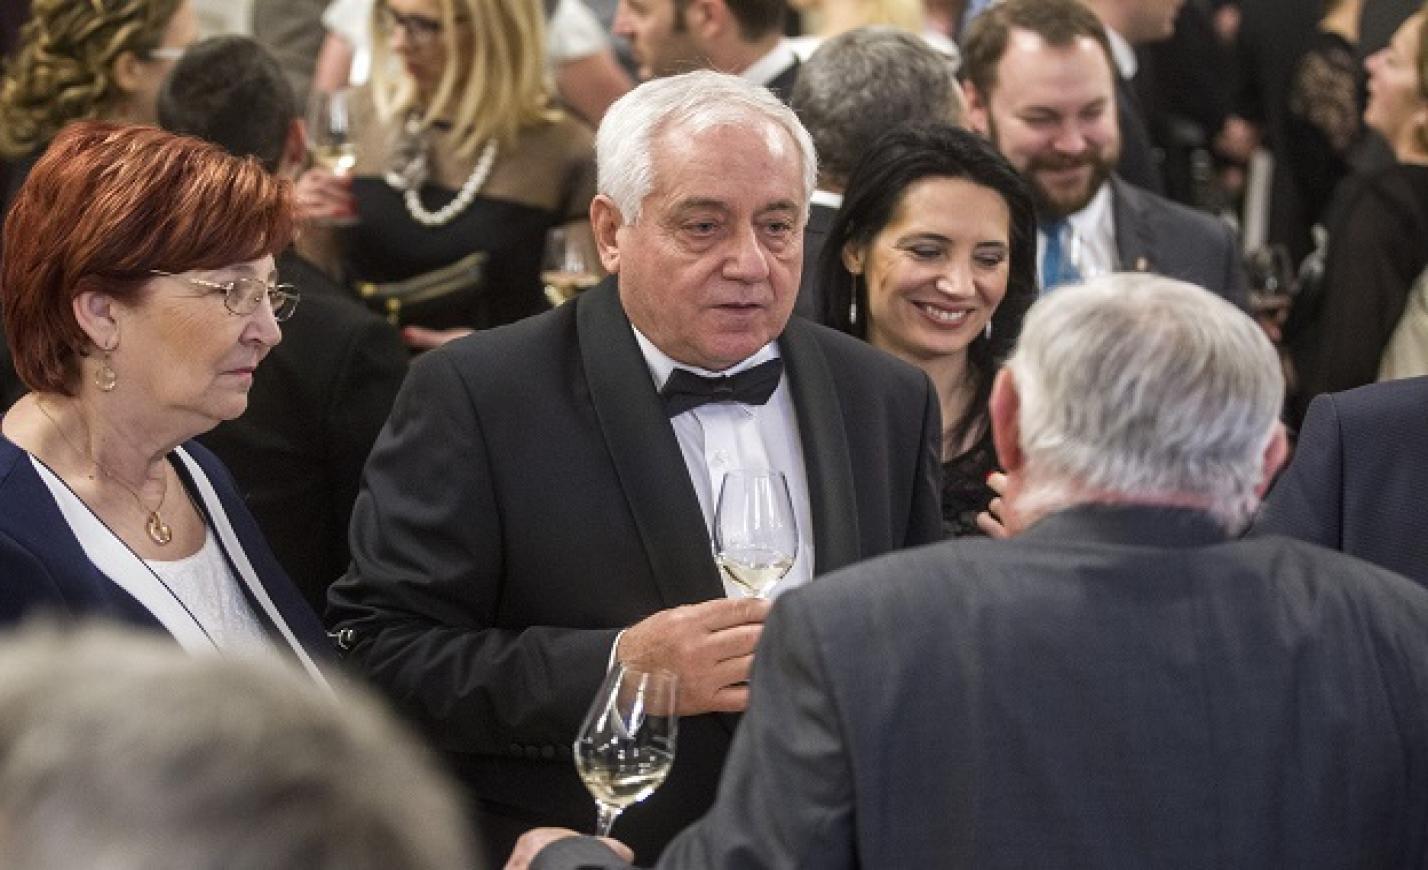 Átadták az Év Bortermelője díjat Mészáros Pál borásznak